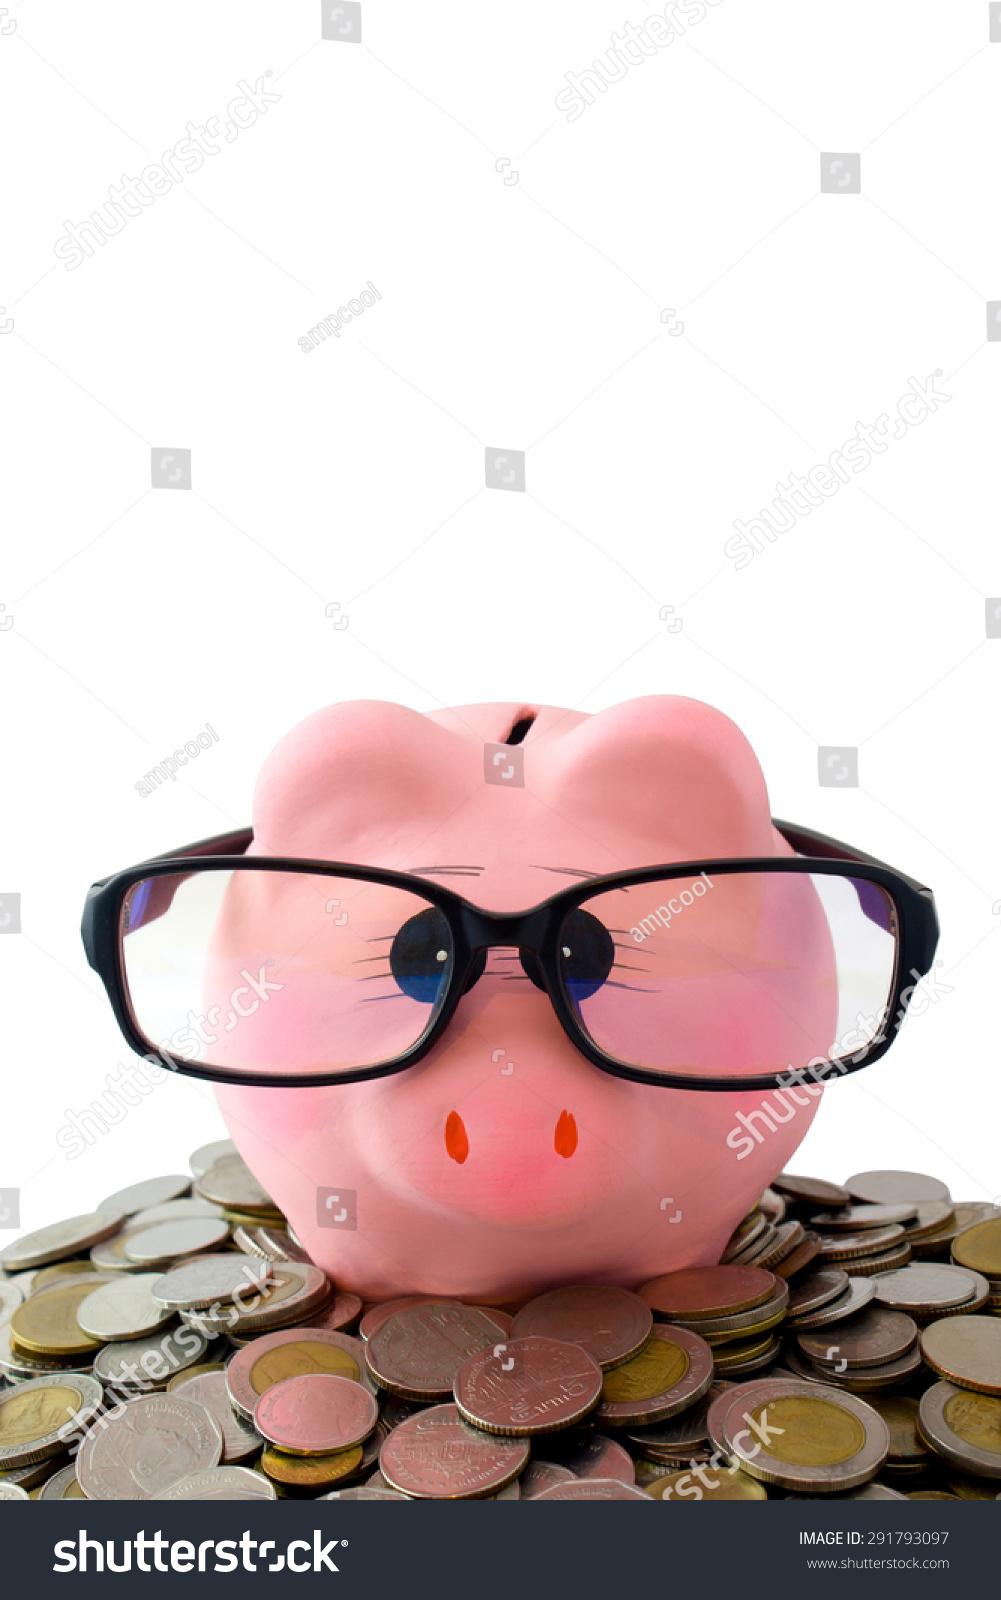 粉红色的扑满戴眼镜在硬币上复制空间,白色背景隔离